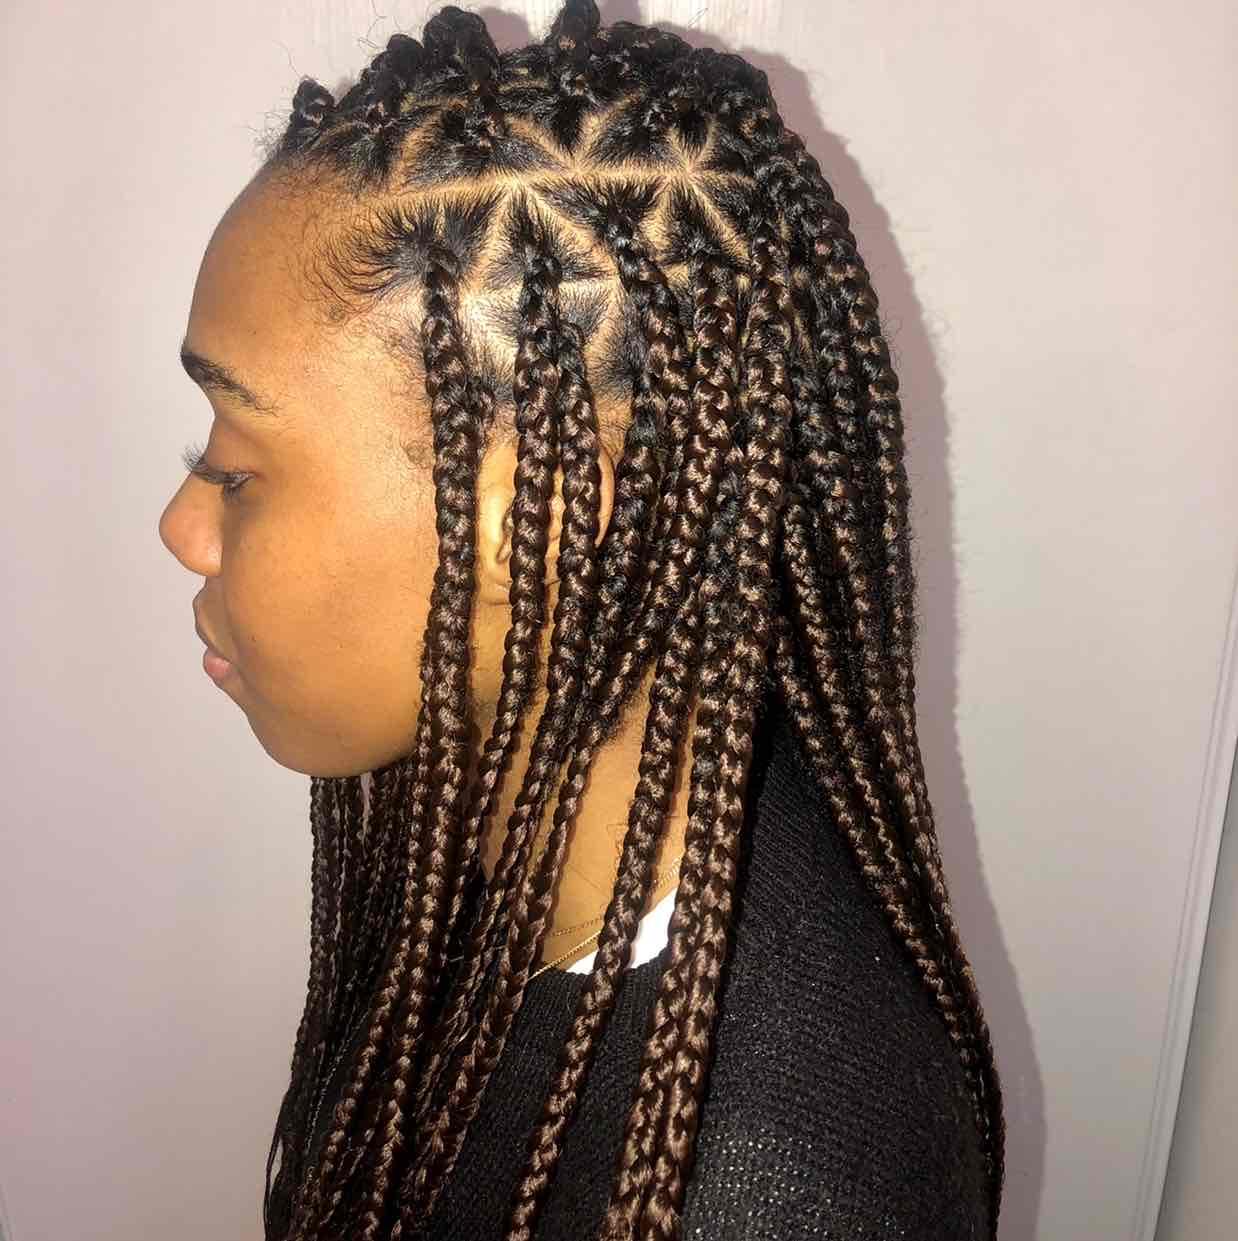 salon de coiffure afro tresse tresses box braids crochet braids vanilles tissages paris 75 77 78 91 92 93 94 95 BUEDUJWS